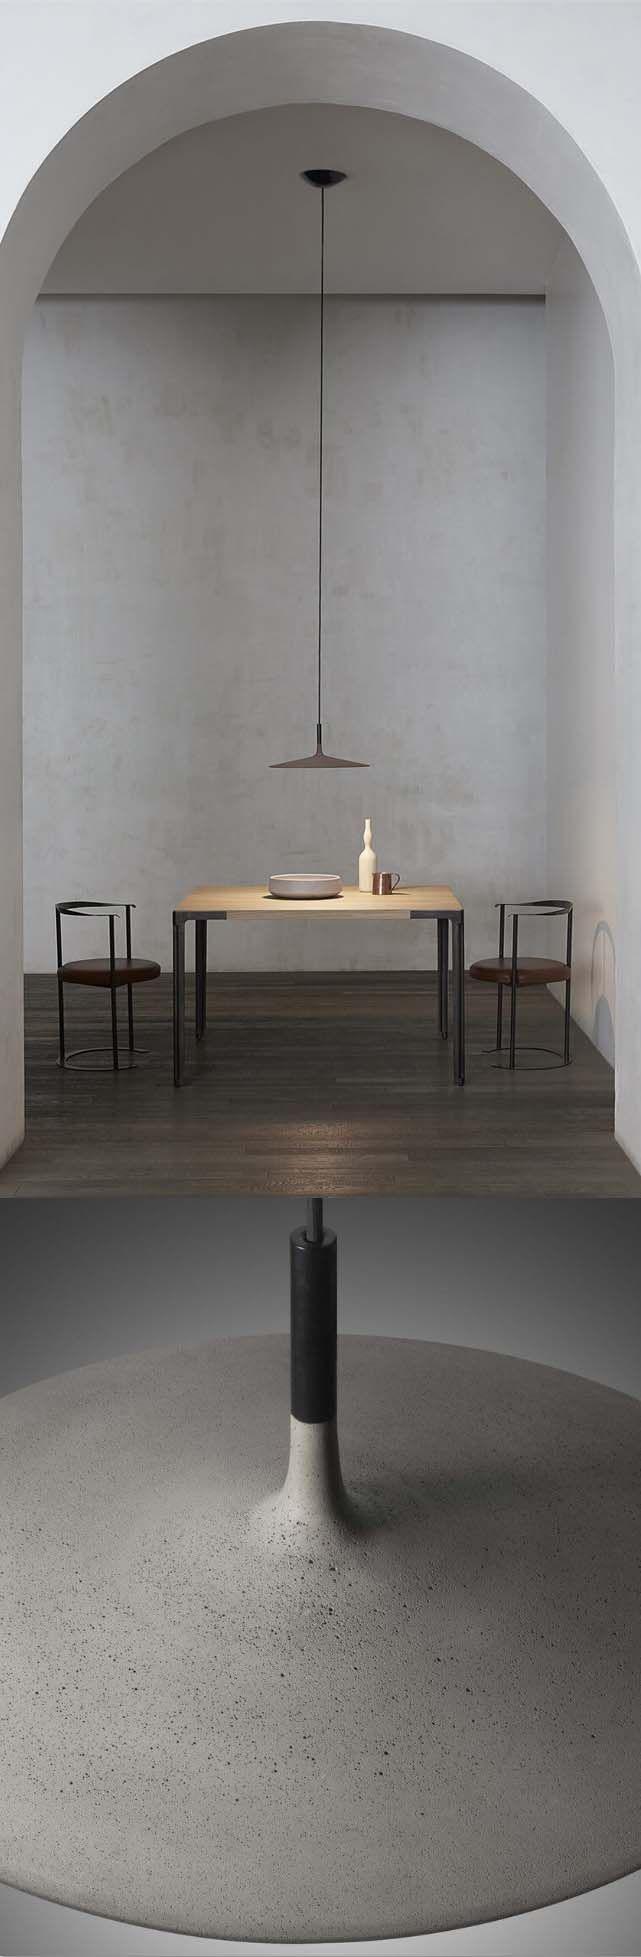 Aplomb Large LED Designerhängelampe Von Foscarini (F1 195017 10)